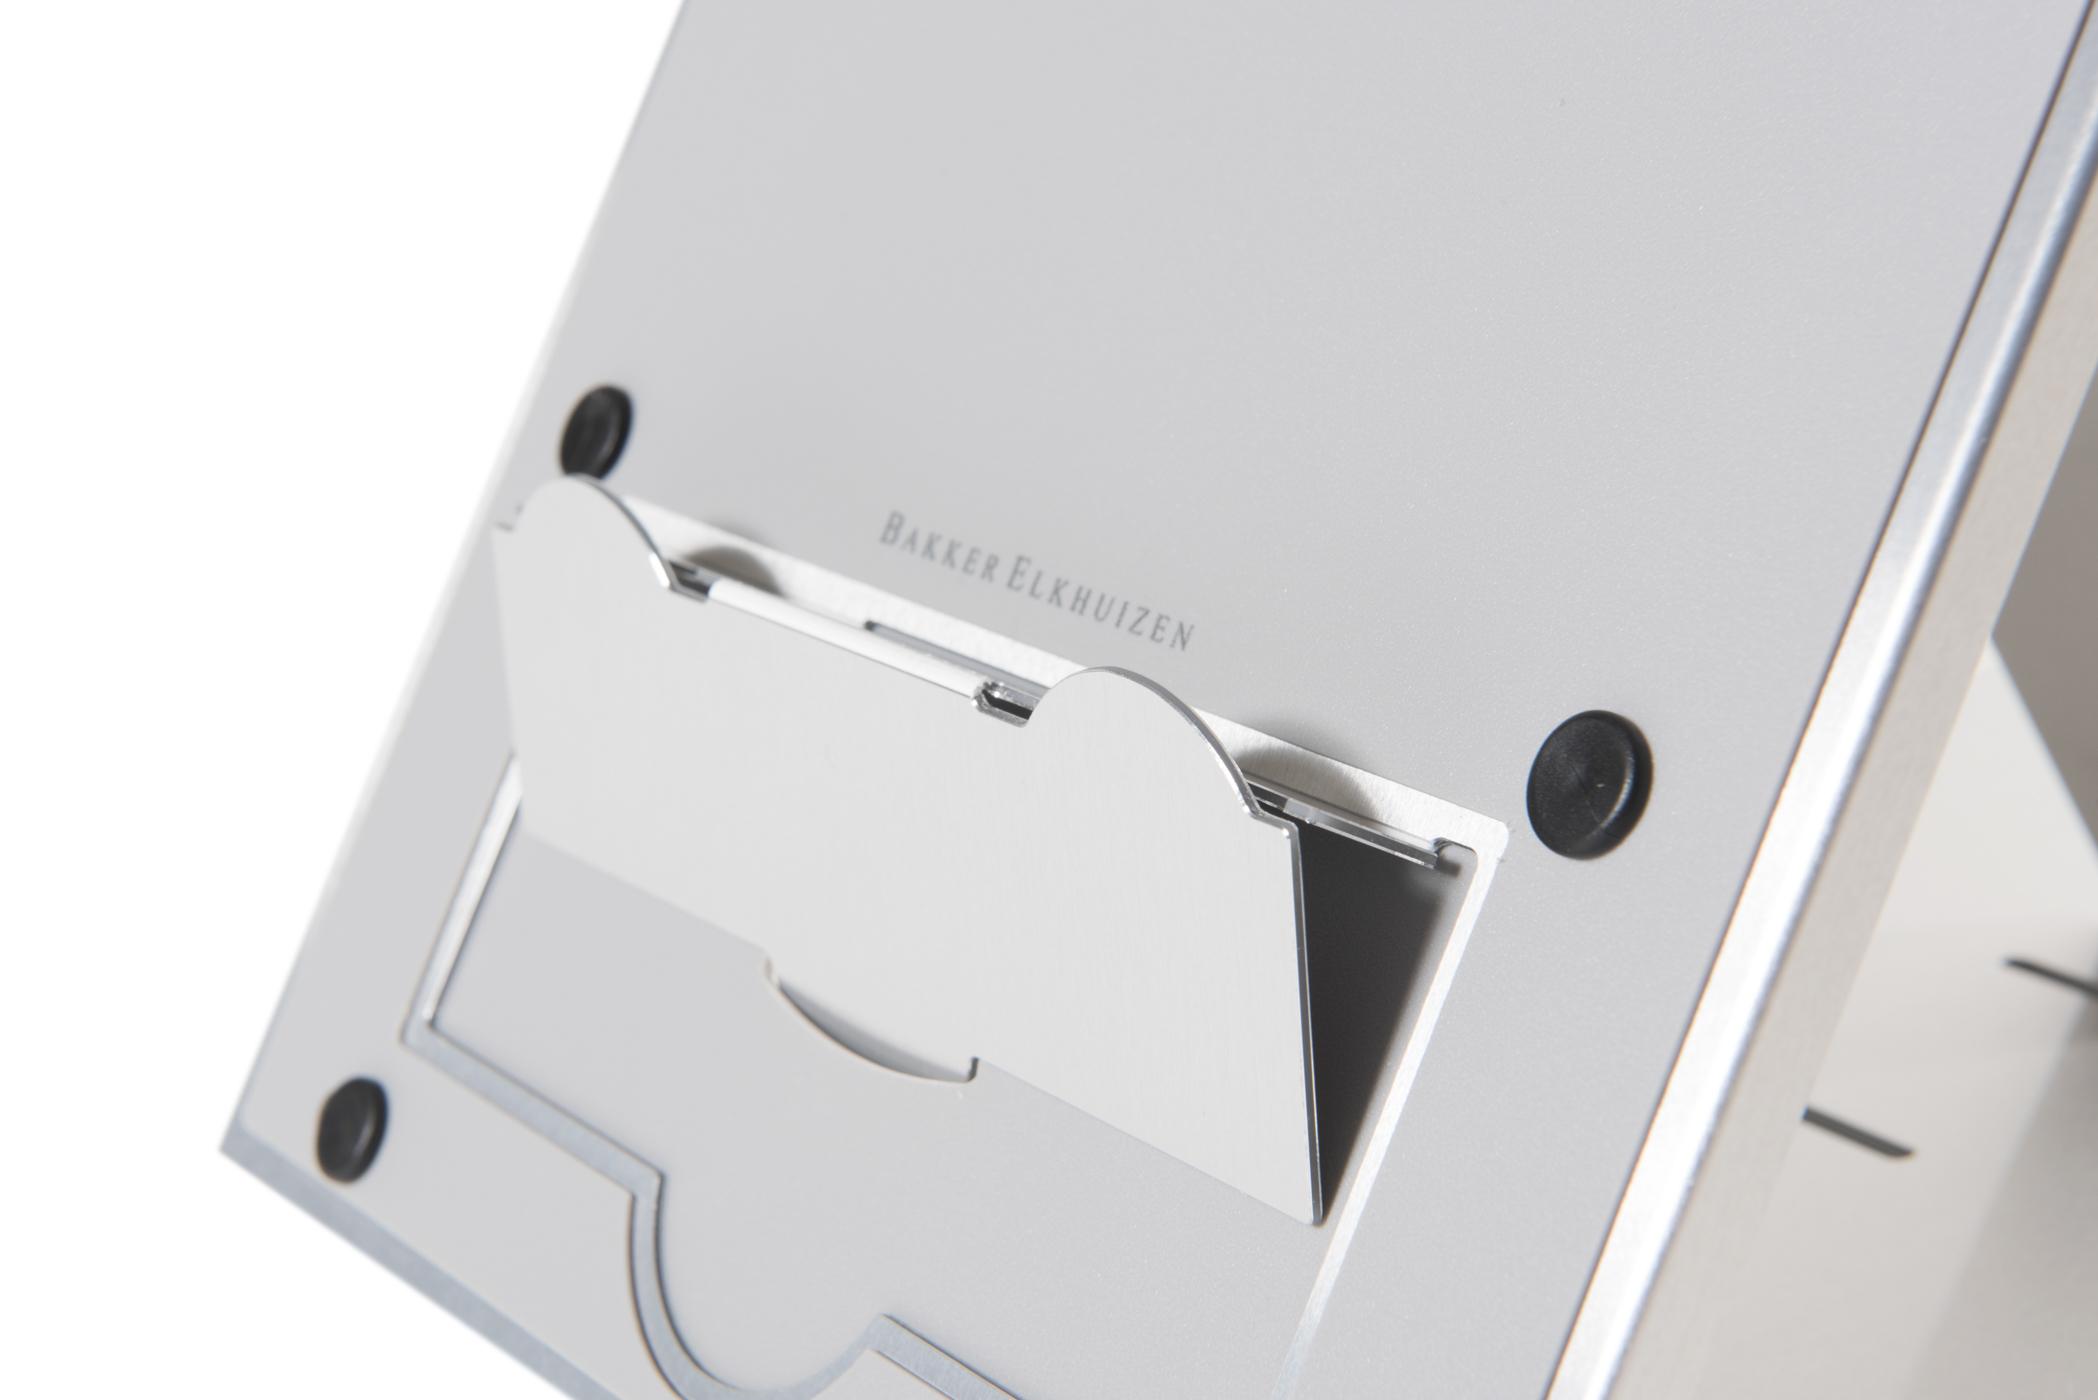 Bakker Elkhuizen Ergo-Q Hybrid - Notebook-Ständer